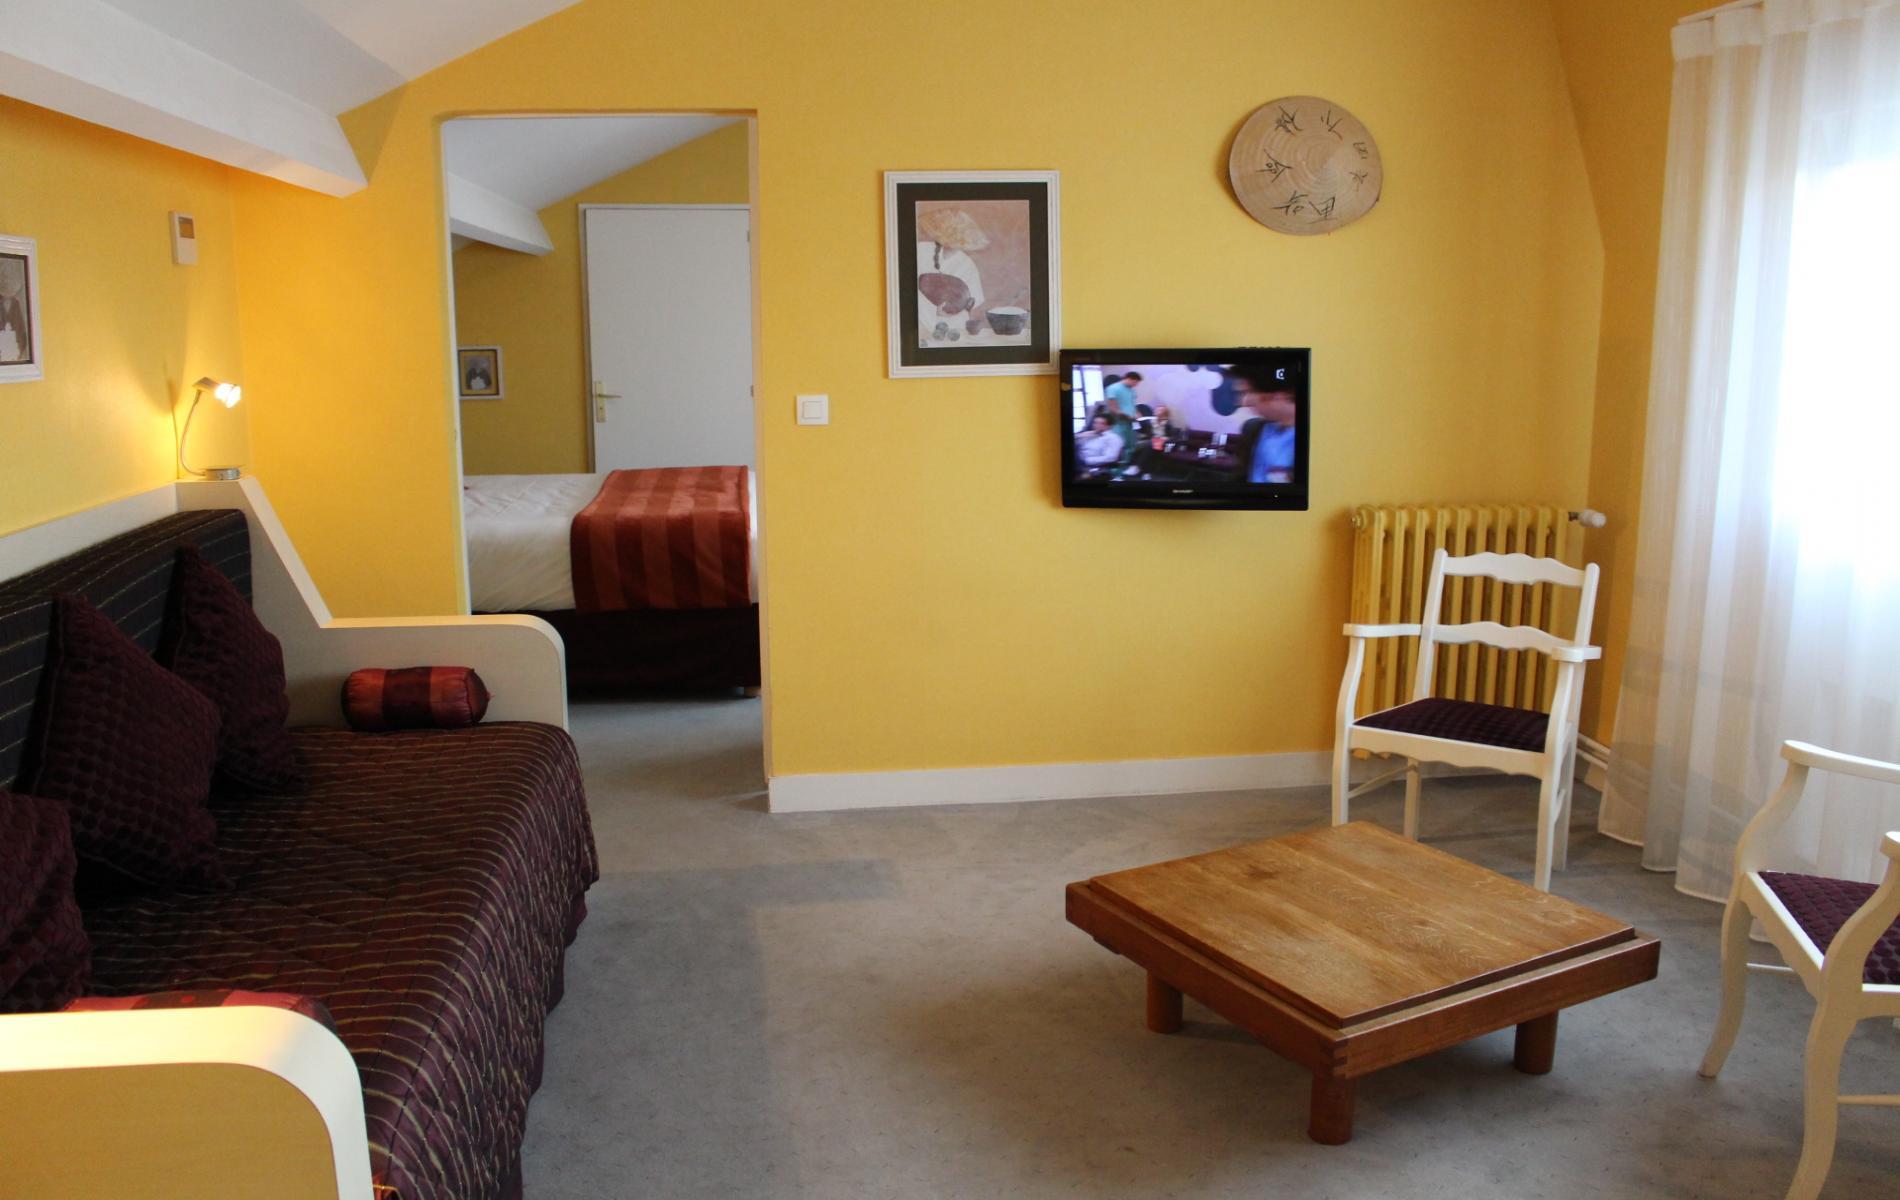 suite chambre famille descriptif tarifs les offres du bagnoles hotel bagnoles de l orne. Black Bedroom Furniture Sets. Home Design Ideas